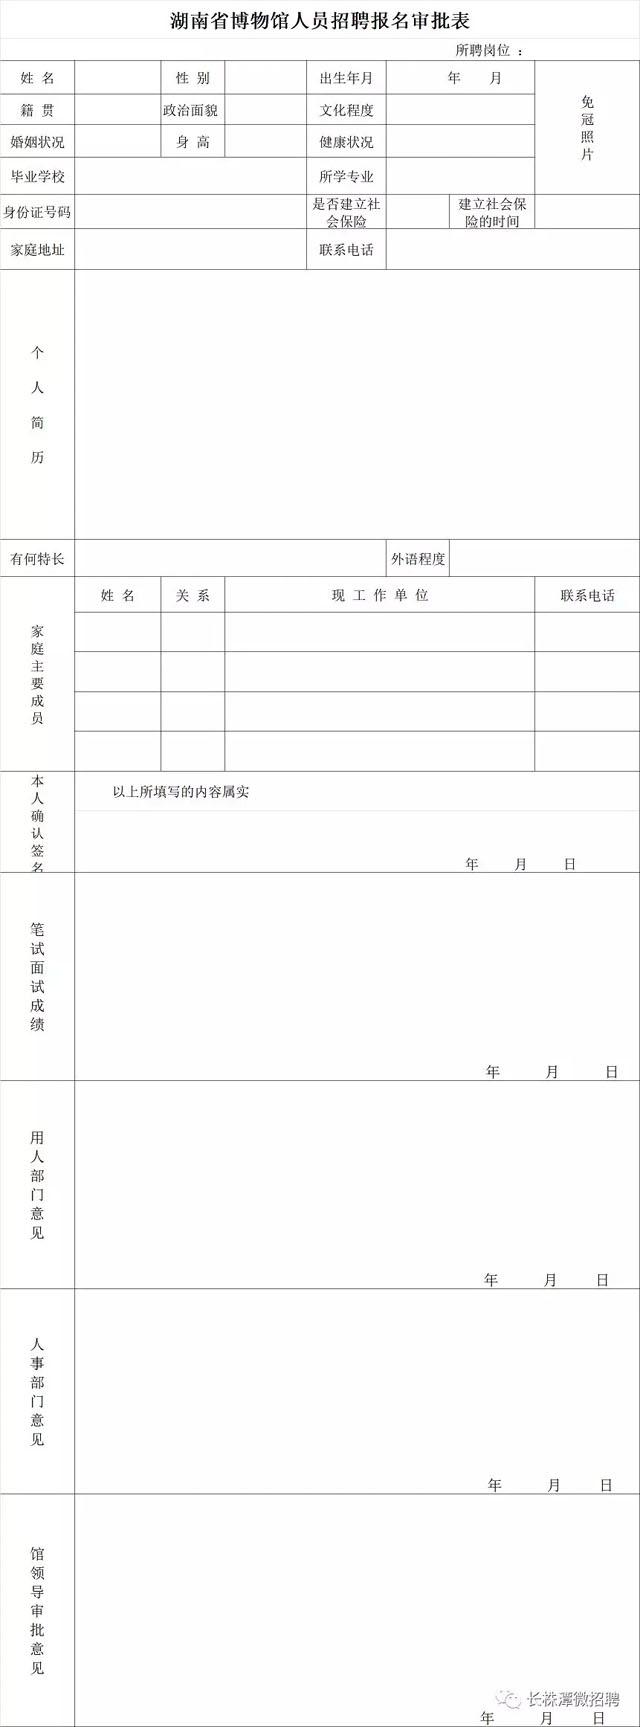 【8月4日截止】湖南省博物馆招聘公告